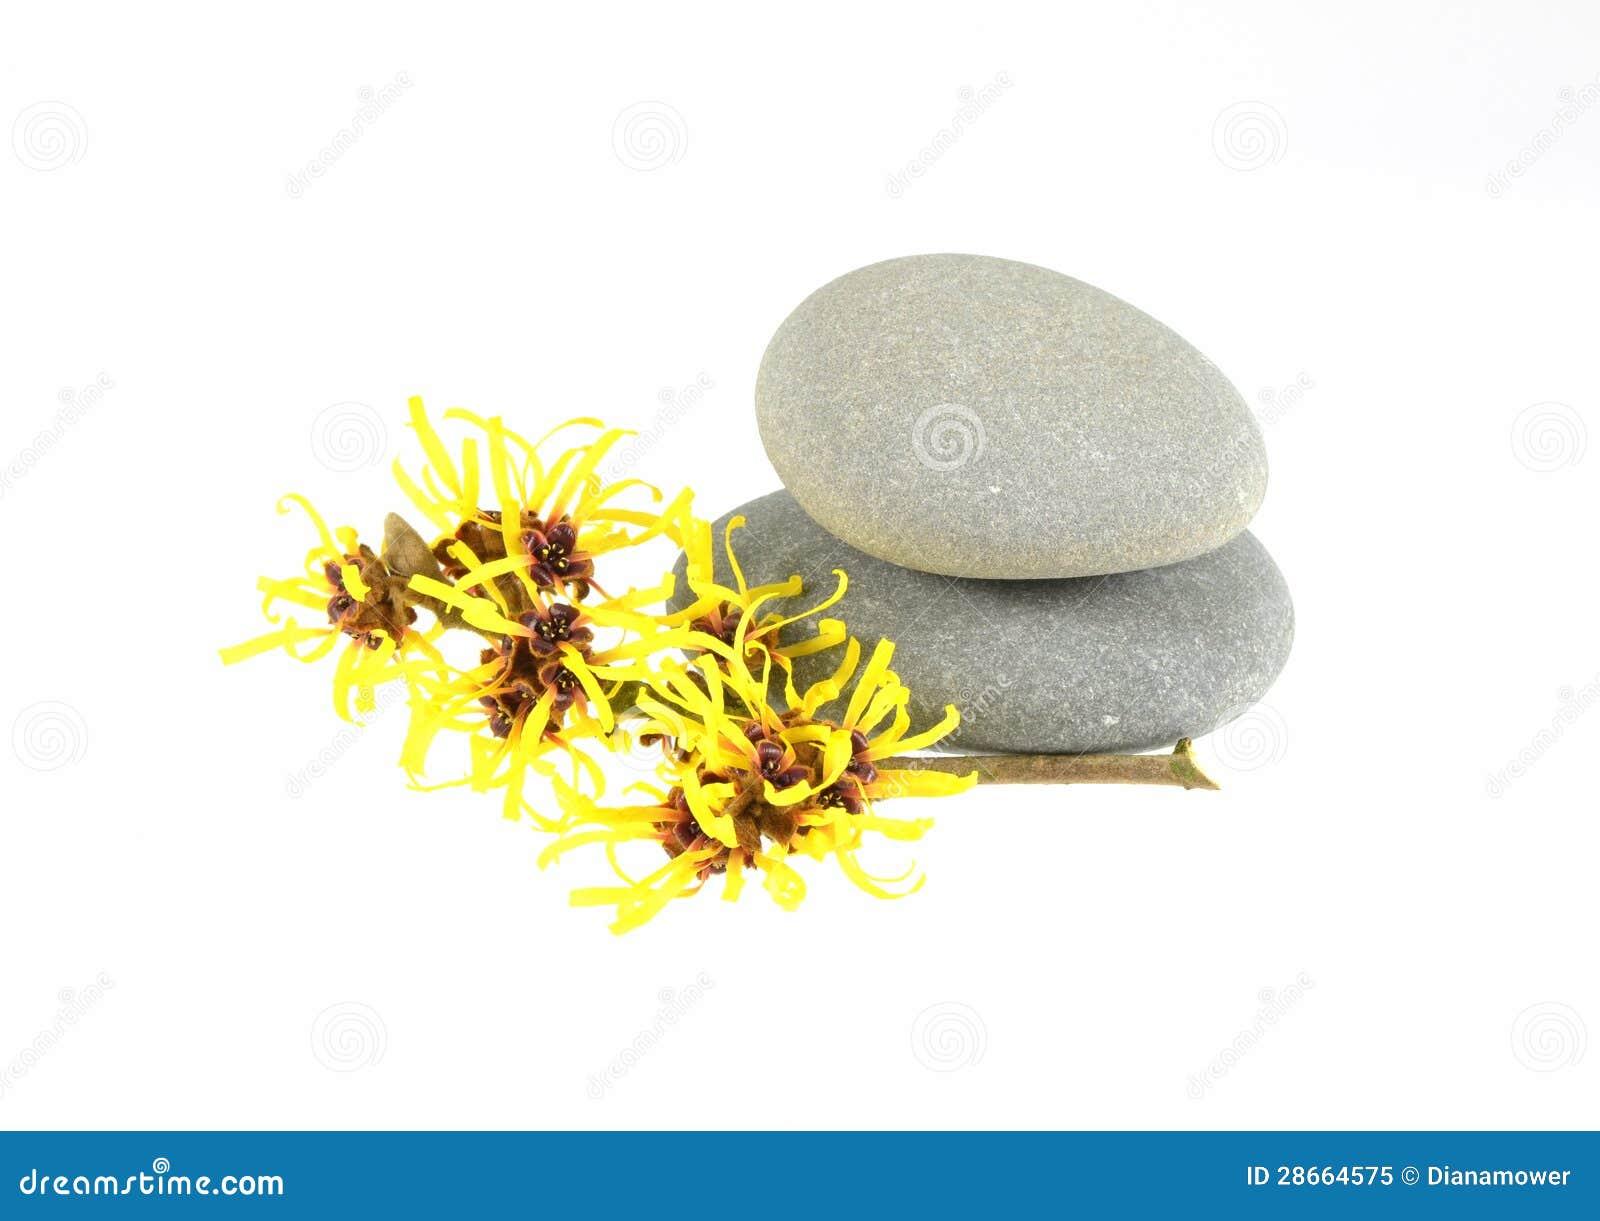 Yellow Witch Hazel